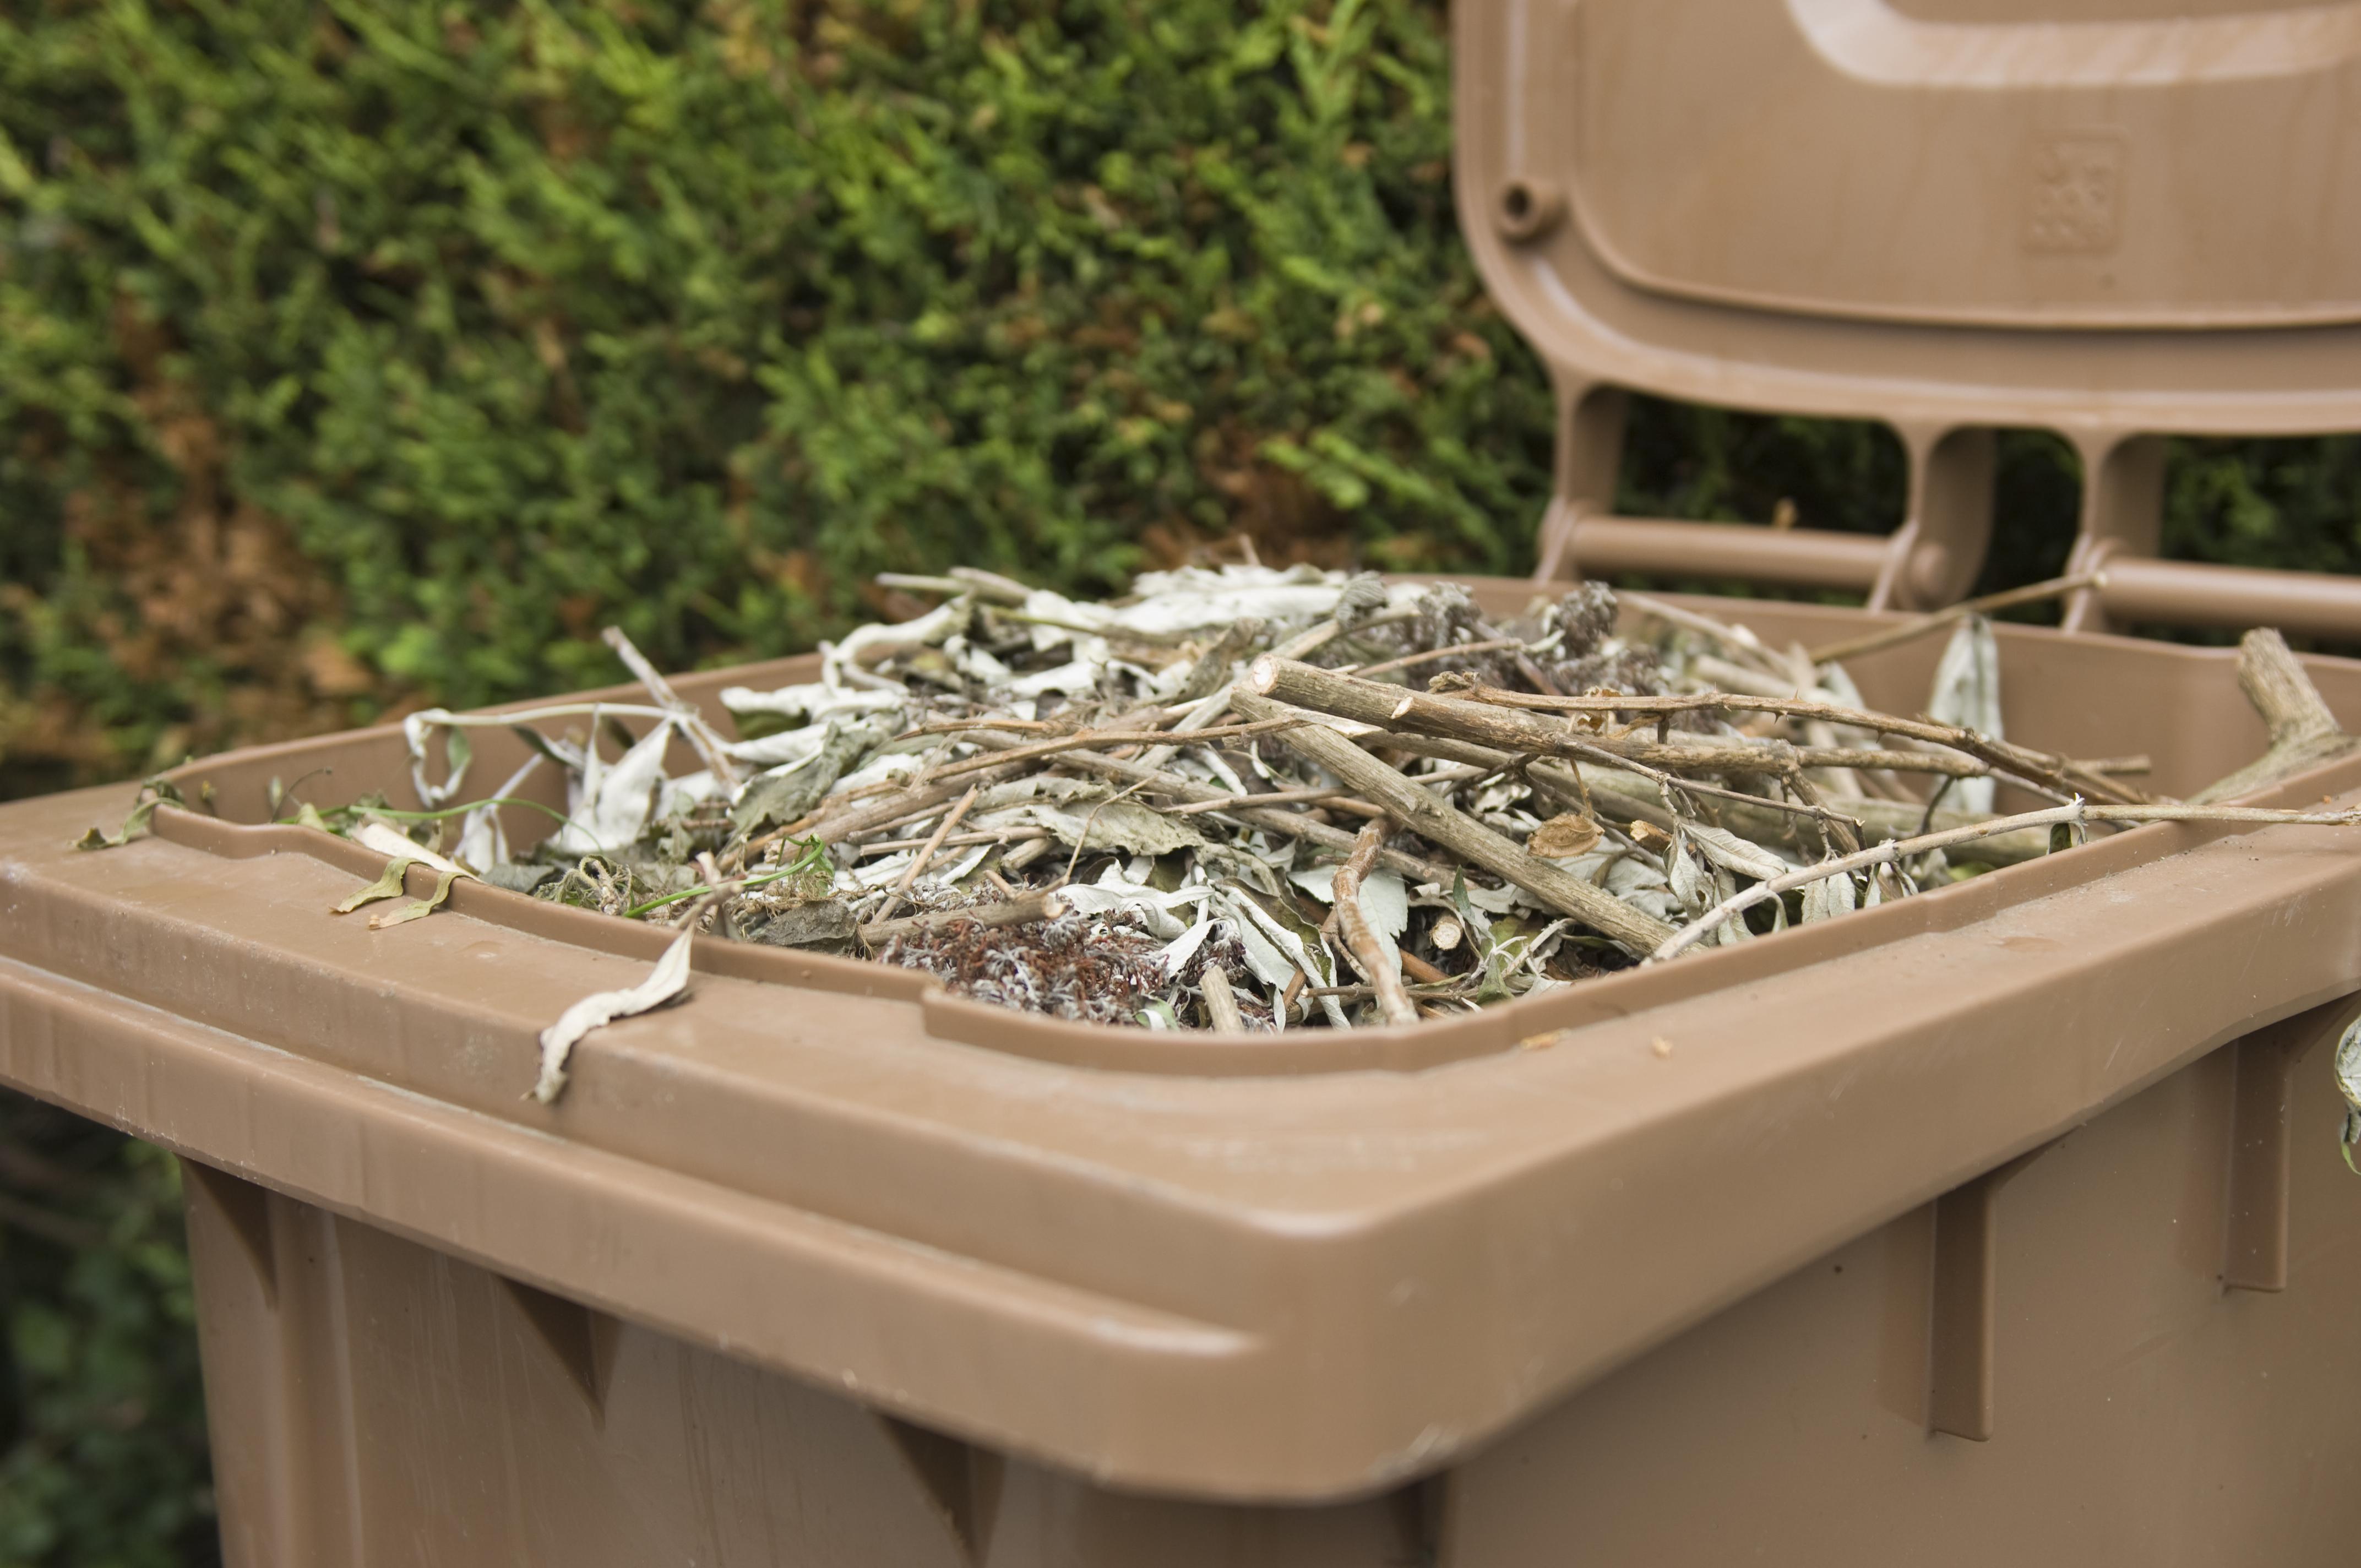 Brown wheelie bin used to dispose garden waste.